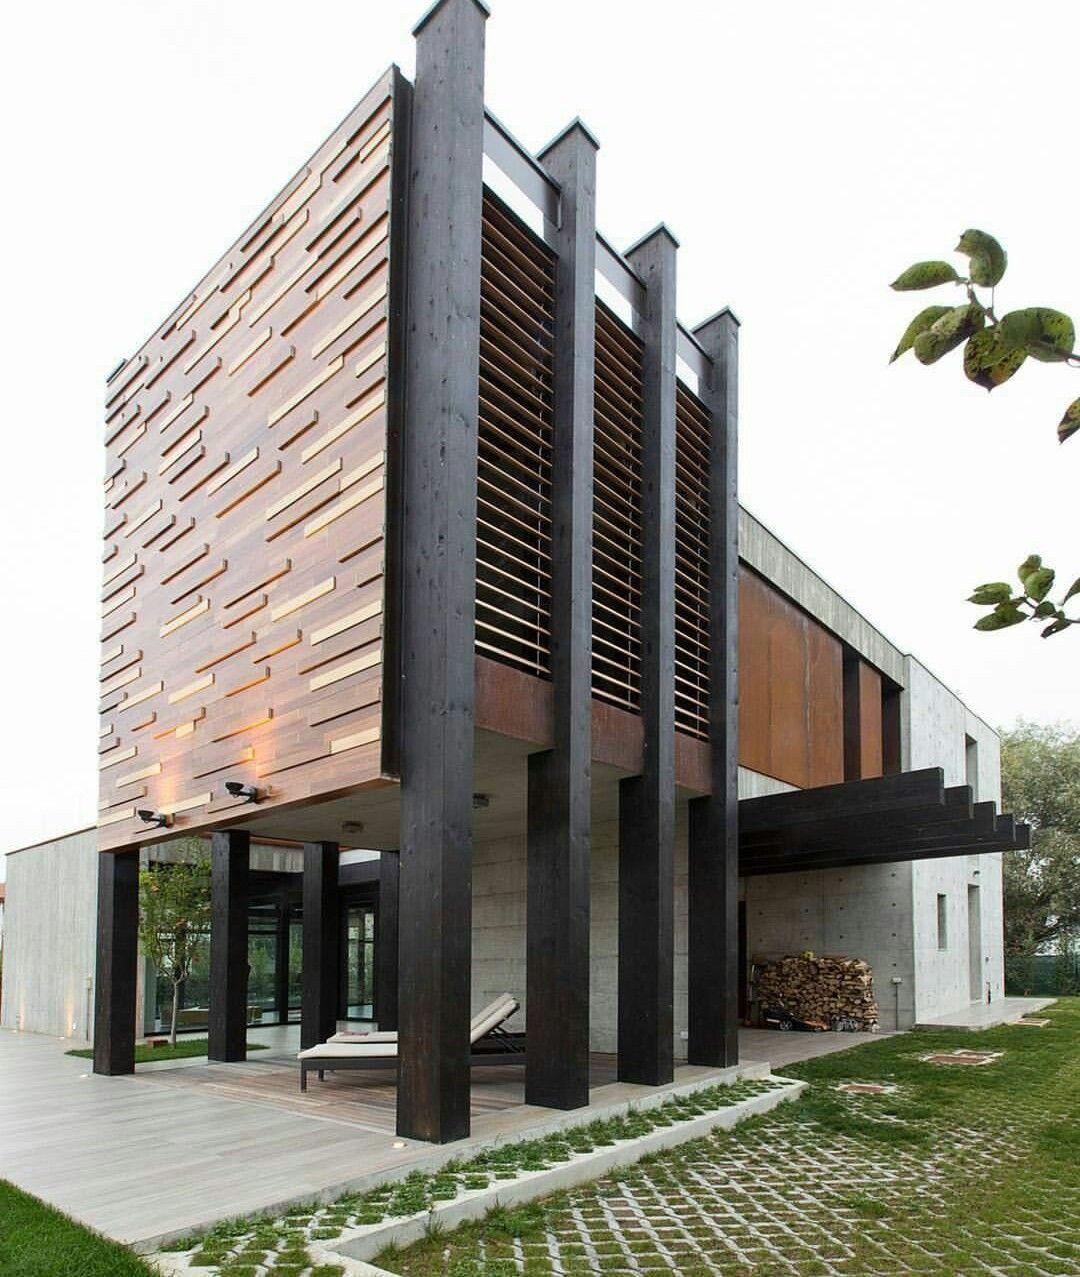 Galeria De Casas Exteriores: 建築, ファサード Y 建築物